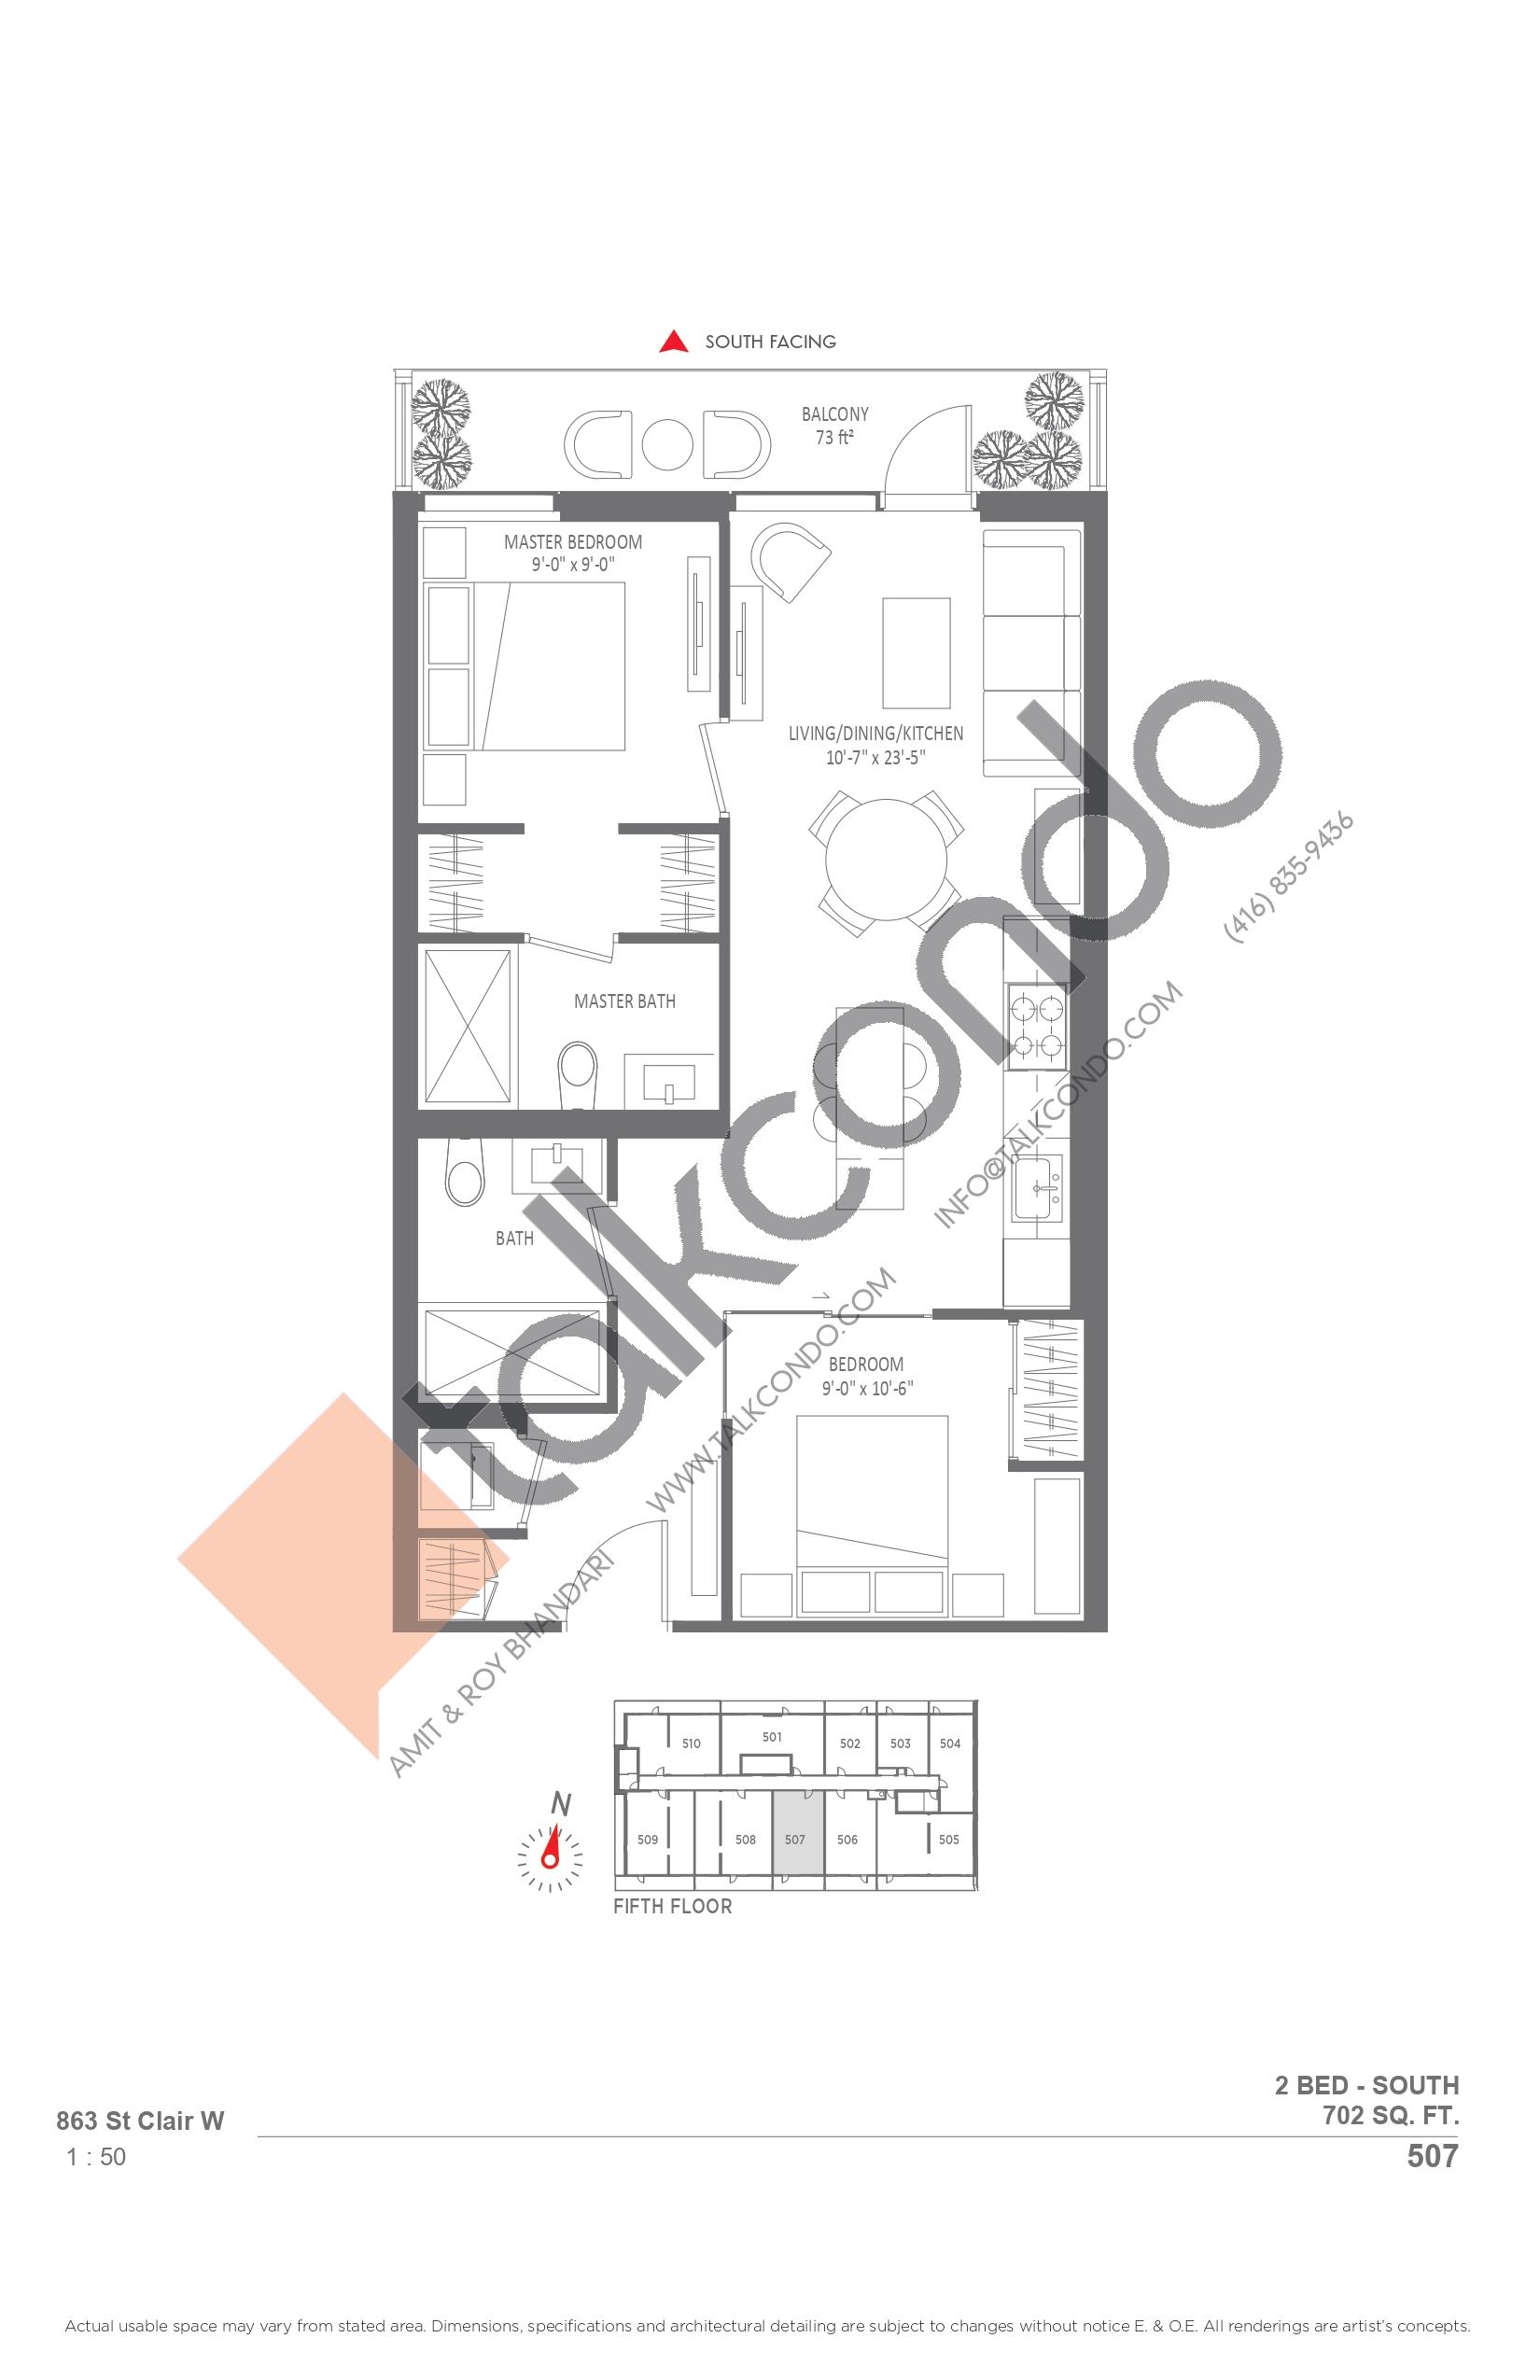 507 Floor Plan at Monza Condos - 702 sq.ft